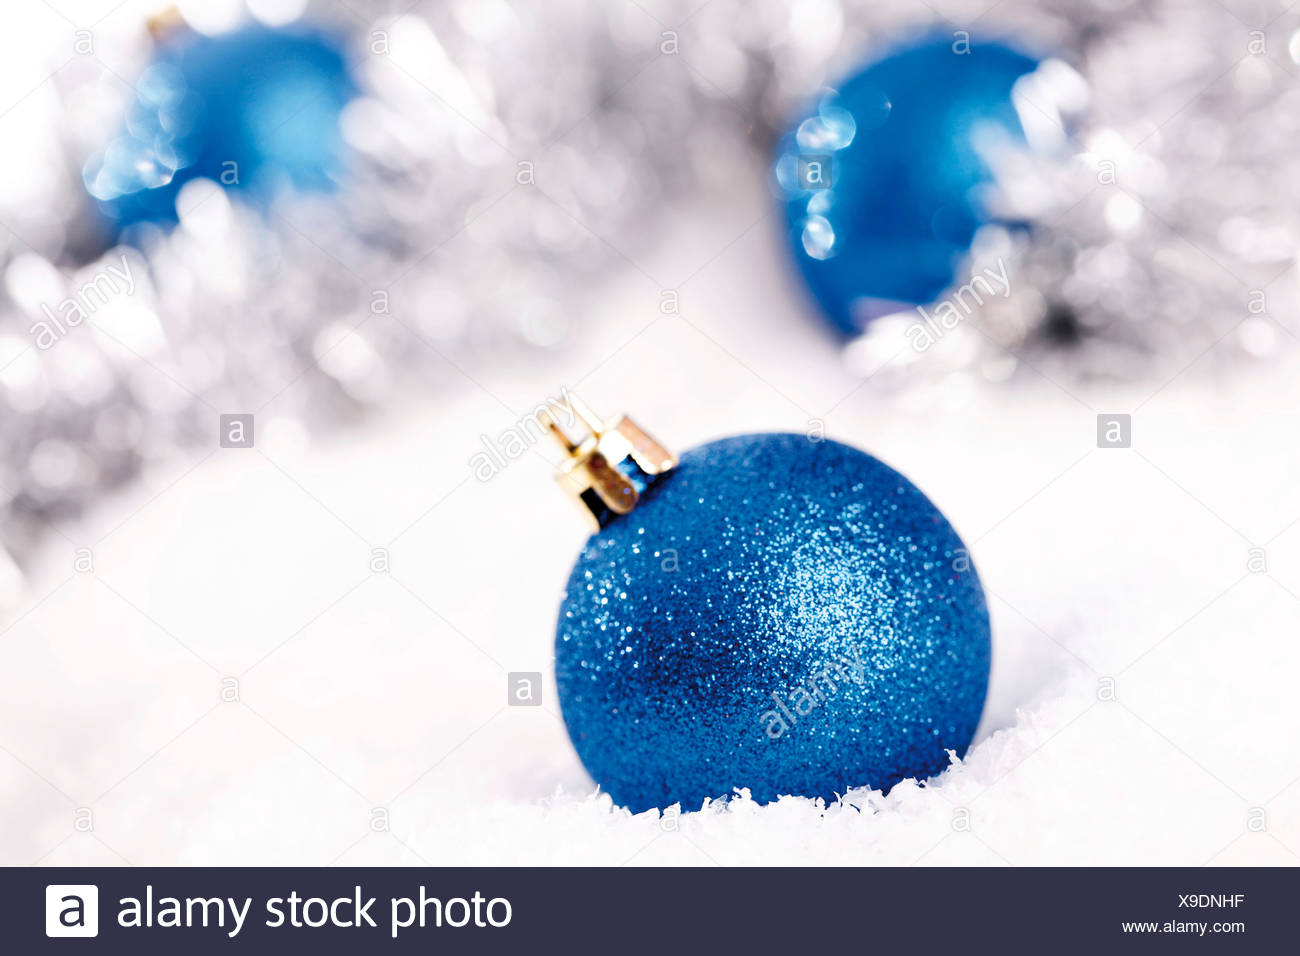 Blau glitter christbaumkugeln auf schnee mit weihnachtsschmuck stockfoto bild 281200123 alamy - Blaue christbaumkugeln ...